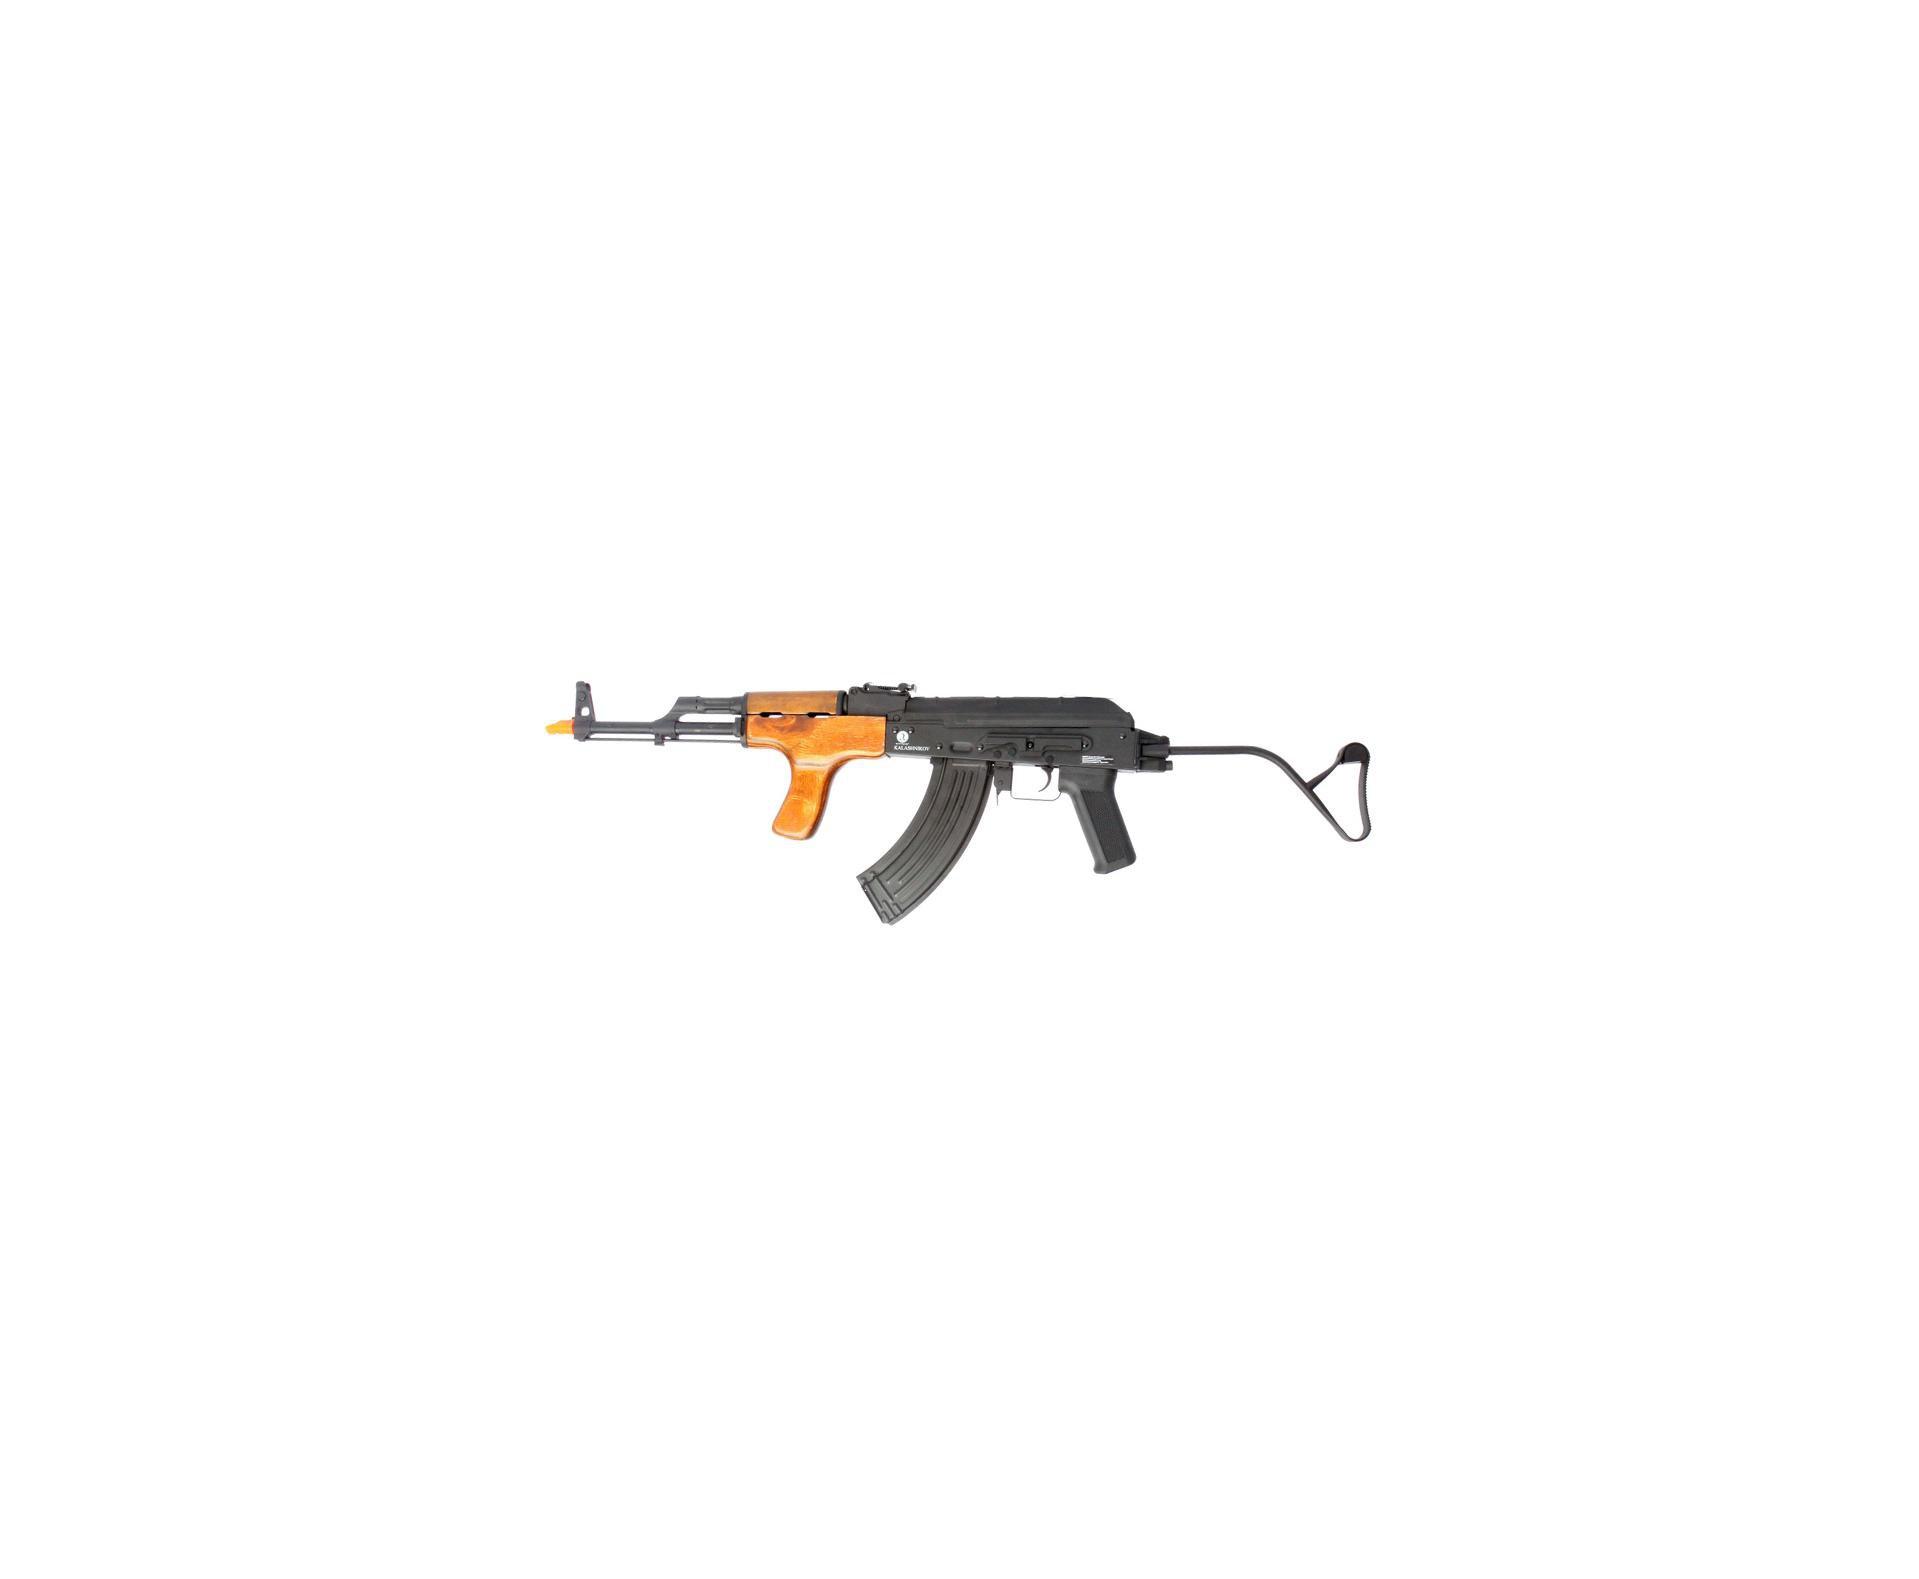 Rifle De Airsoft Ak47 Aims - Full Metal - Blow Back - Cal. 6,0 Mm - Kalashnikov Original